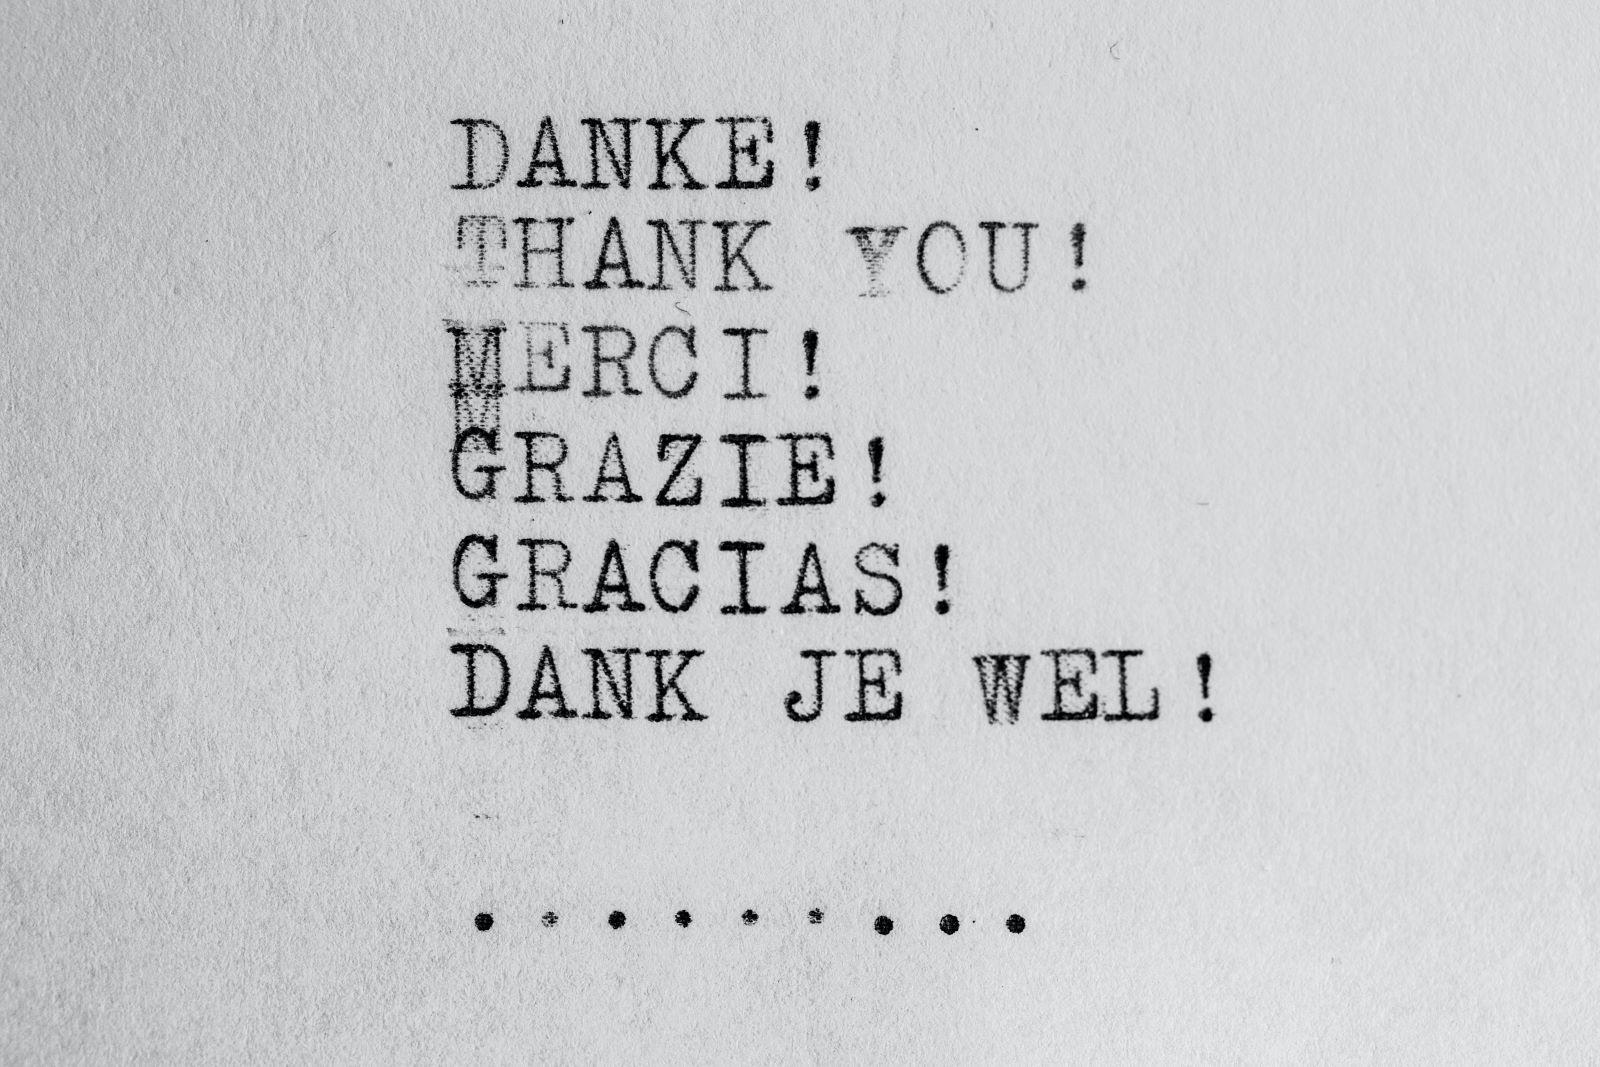 Dank je wel in andere talen